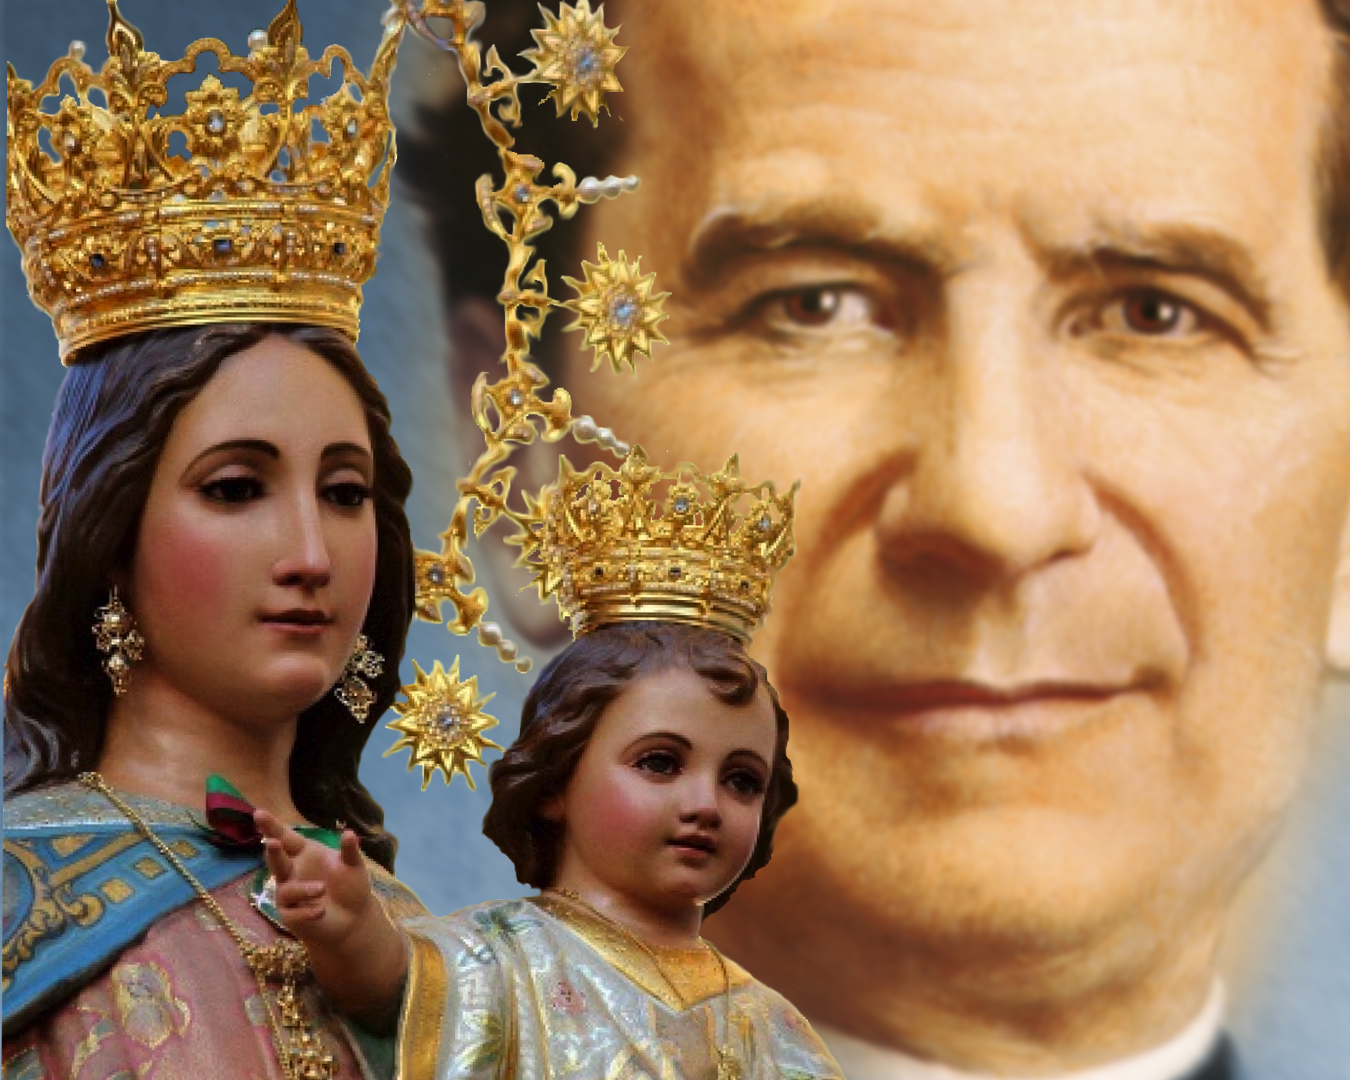 La Familia Salesiana en España celebra esta semana la fiesta de su fundador